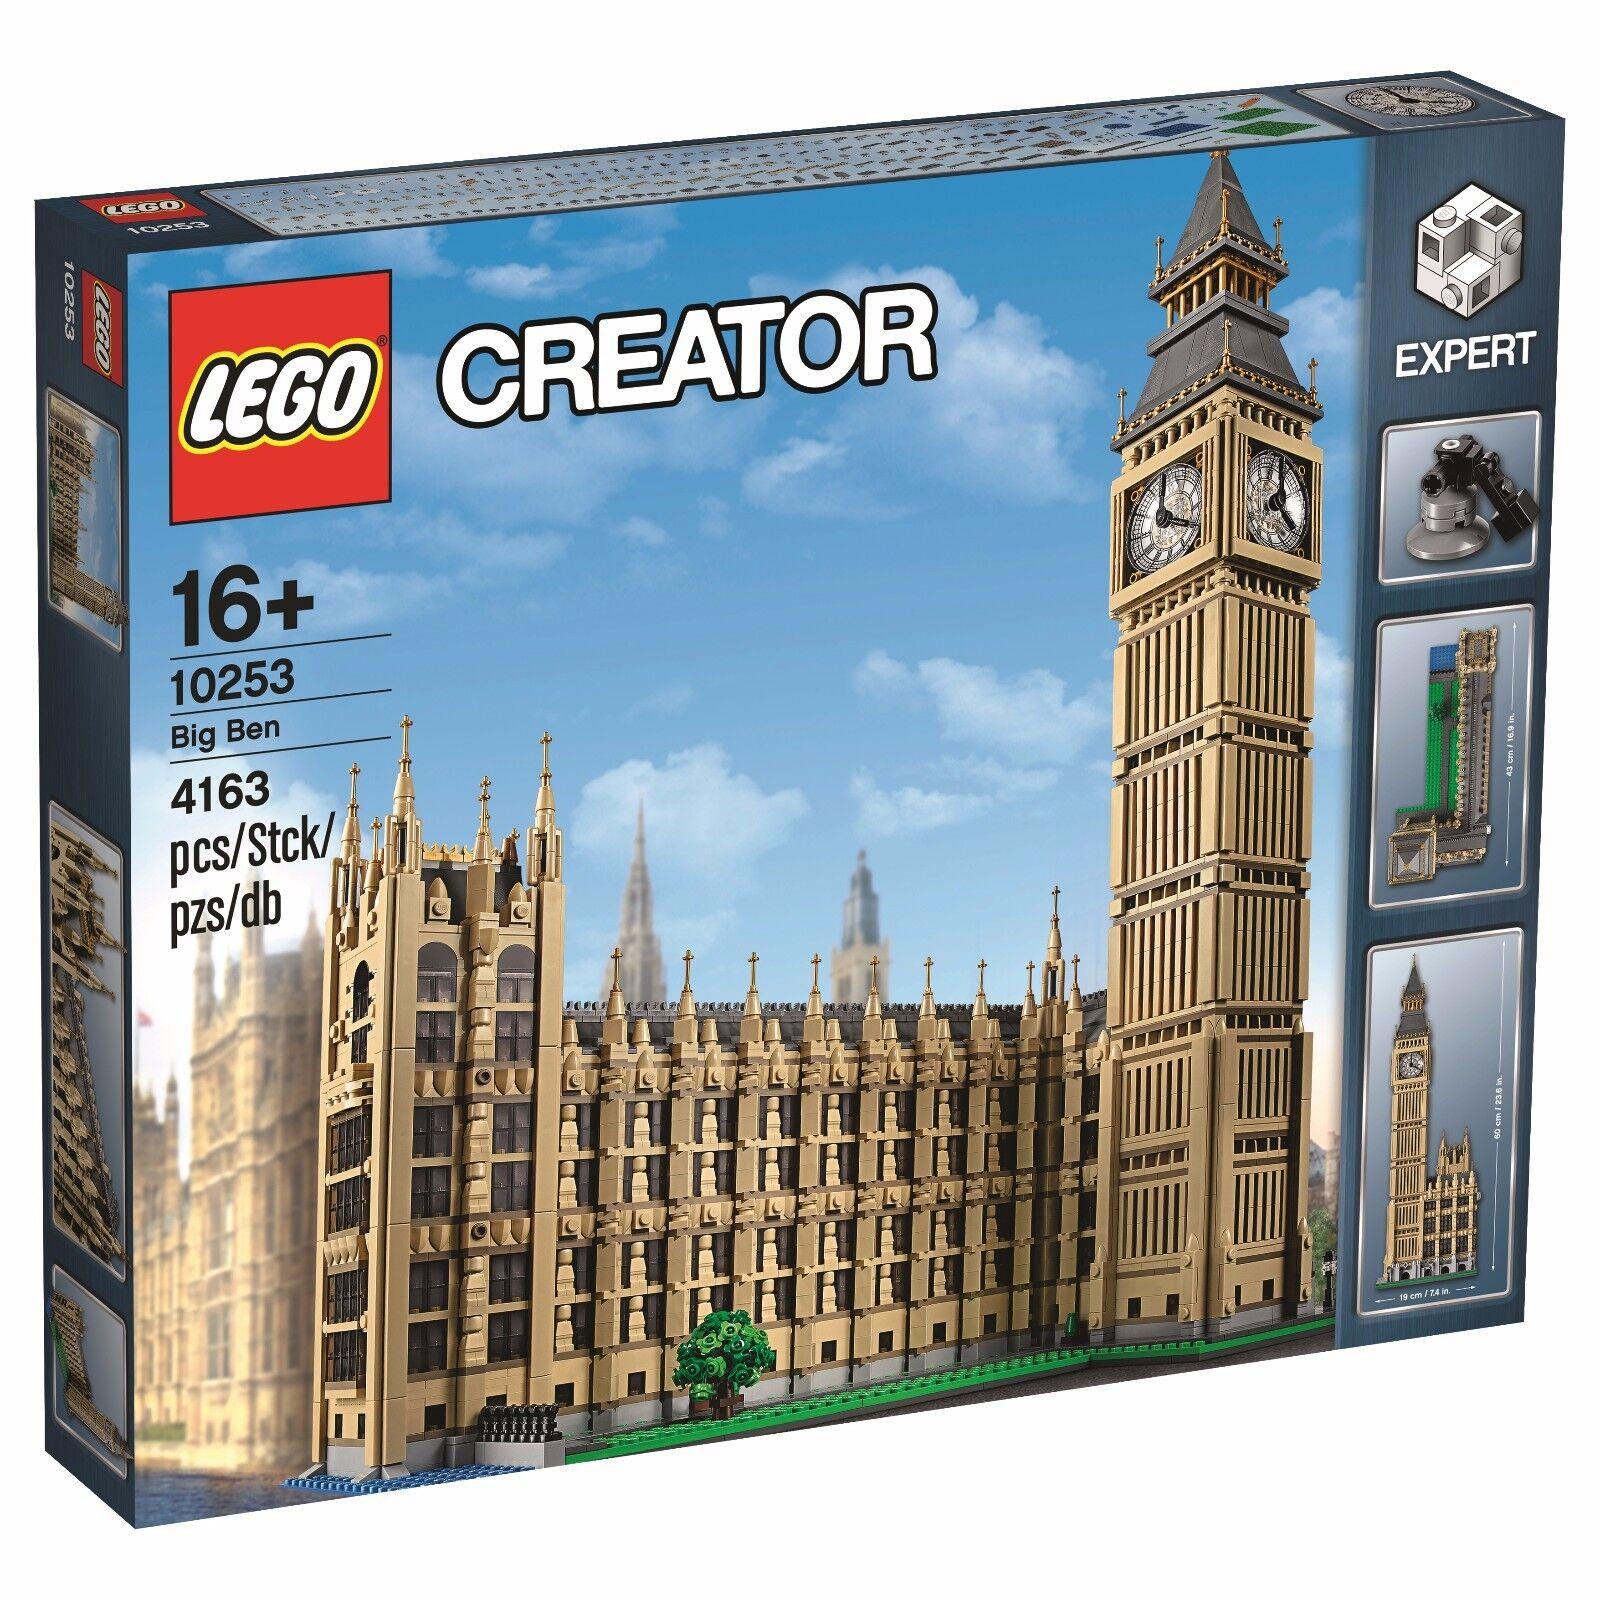 LEGO ® Creator Big Ben Londres 10253  NOUVEAU NOUVEAU NOUVEAU & OVP  s'adapte à 10234. 10234 97e772